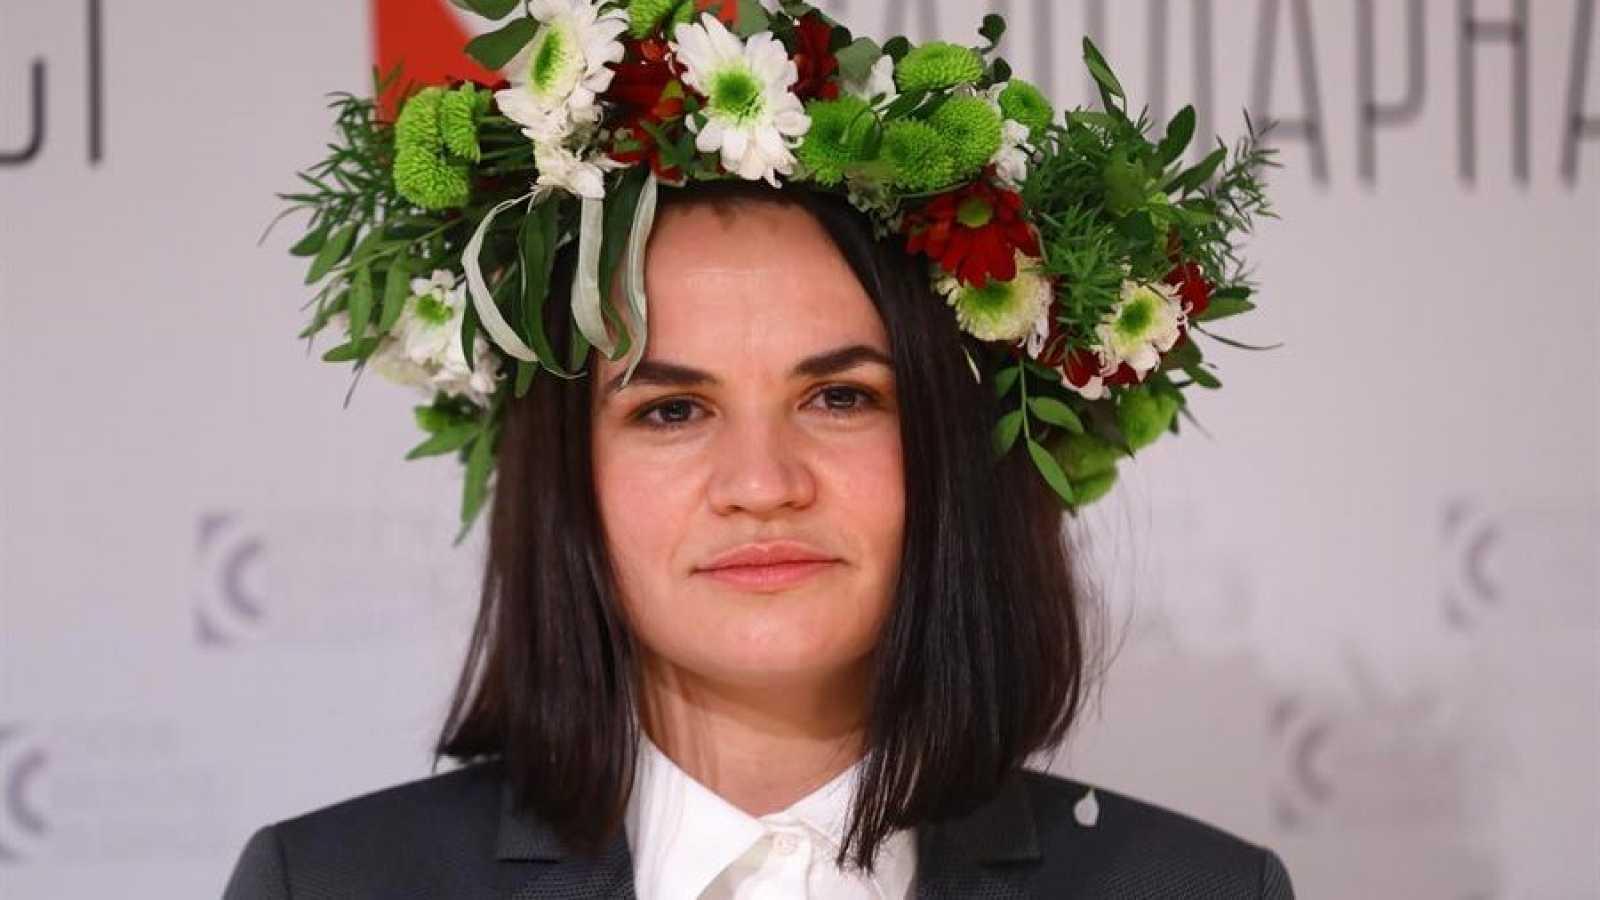 La oposición de Bielorrusia, representada por Svetlana Tikhanovskaya, recibirá el Premio Sajarov a la Libertad de Pensamiento 2020